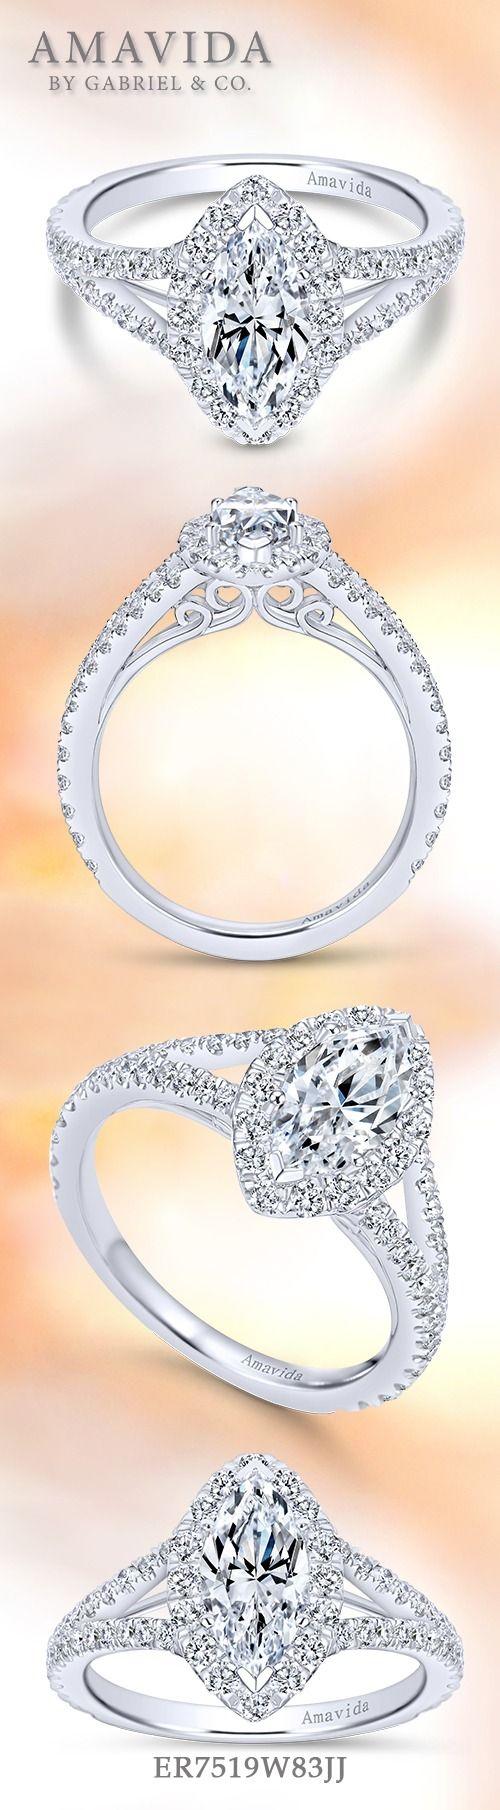 18k White Gold Marquise Halo  Er7519w83jj Halo Engagement Ringsbeautiful